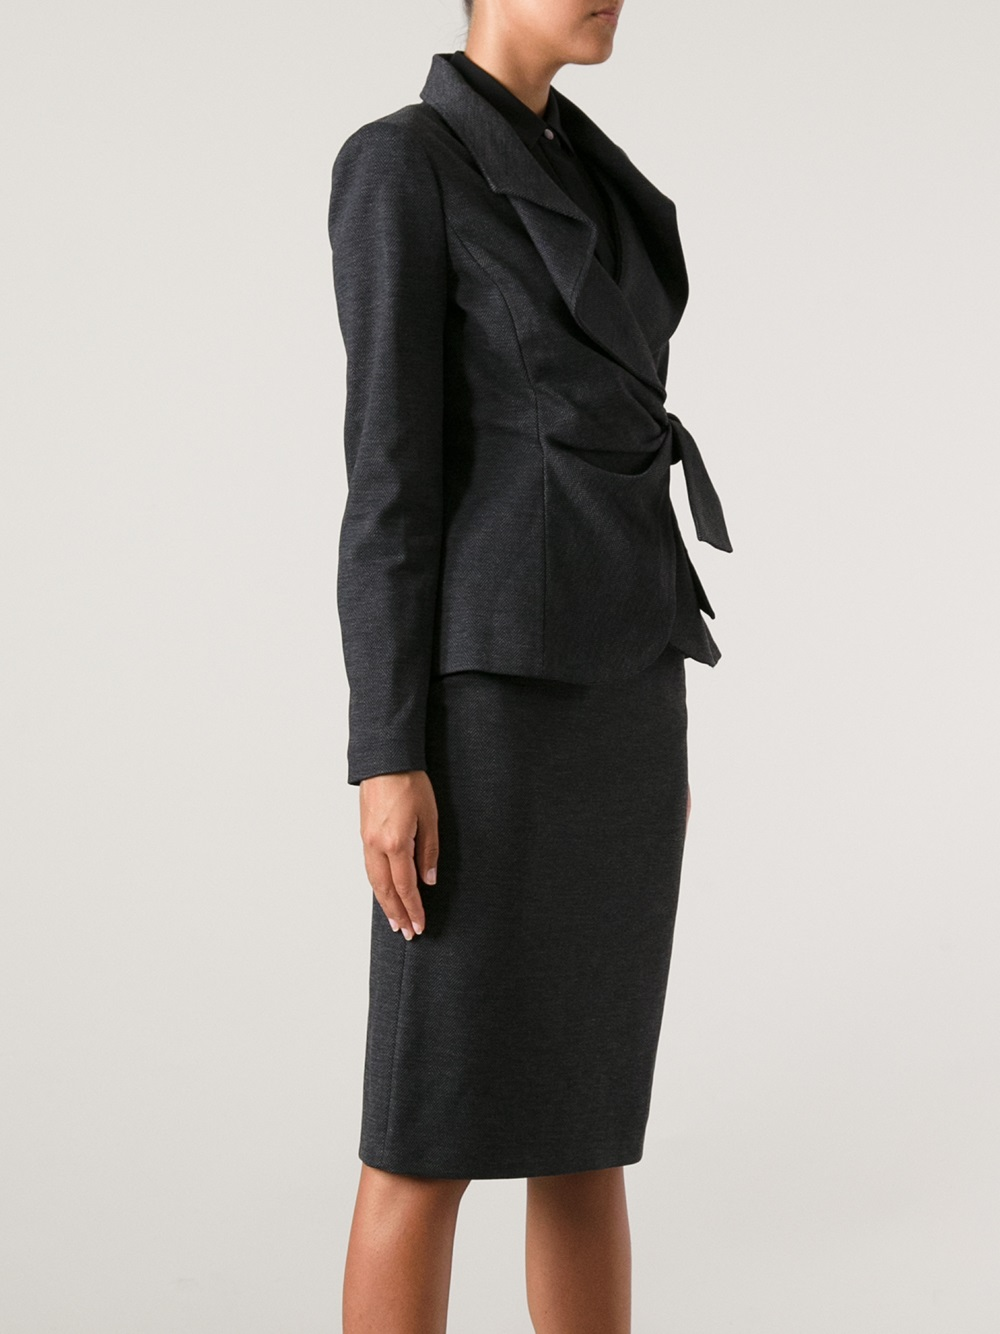 Armani Skirt Suit 71